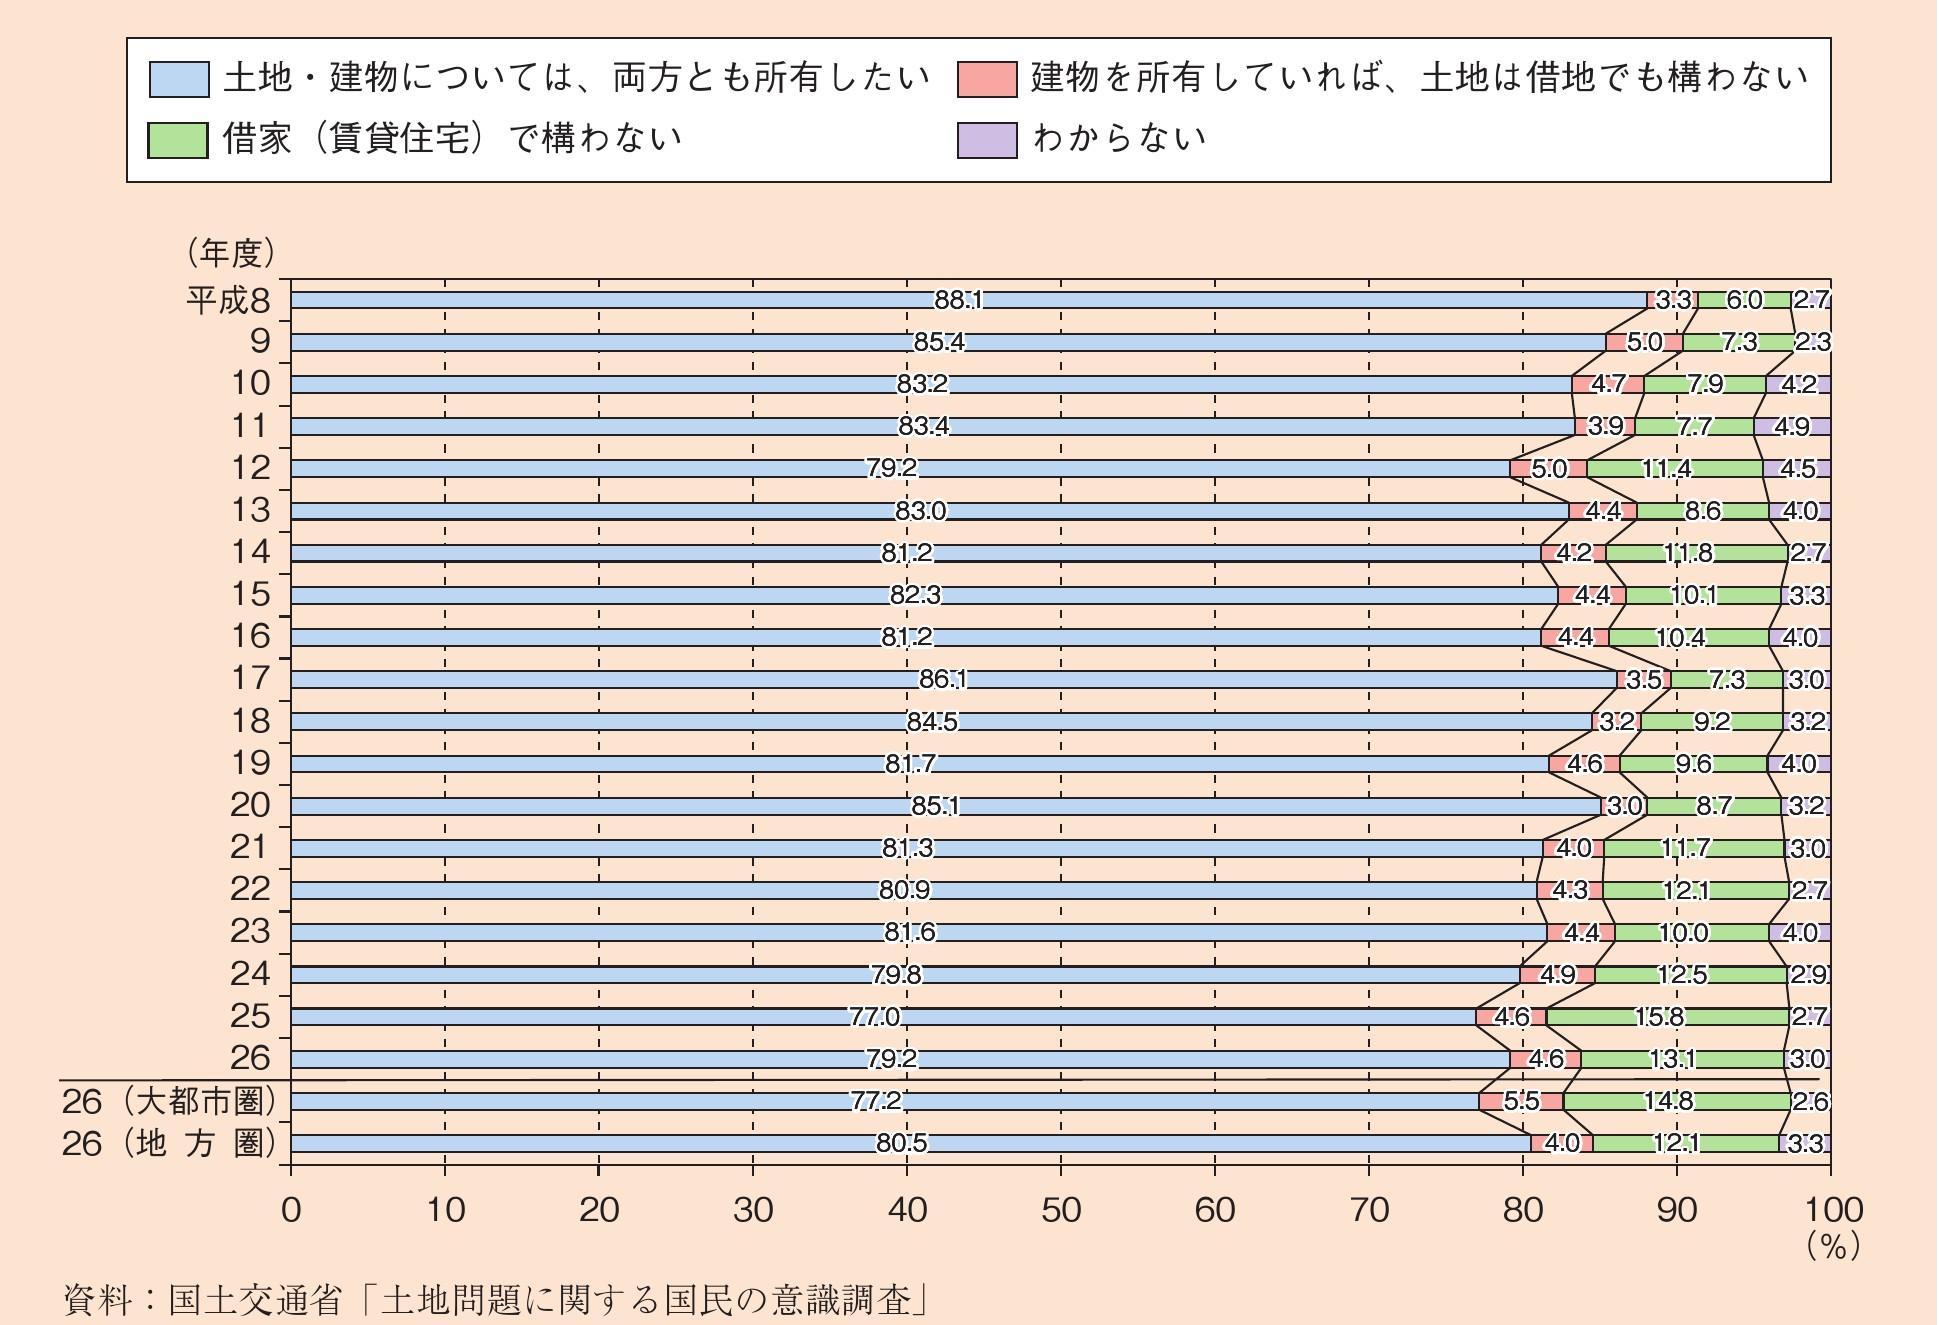 国土交通省/土地問題に関する国民の意識調査 イメージ